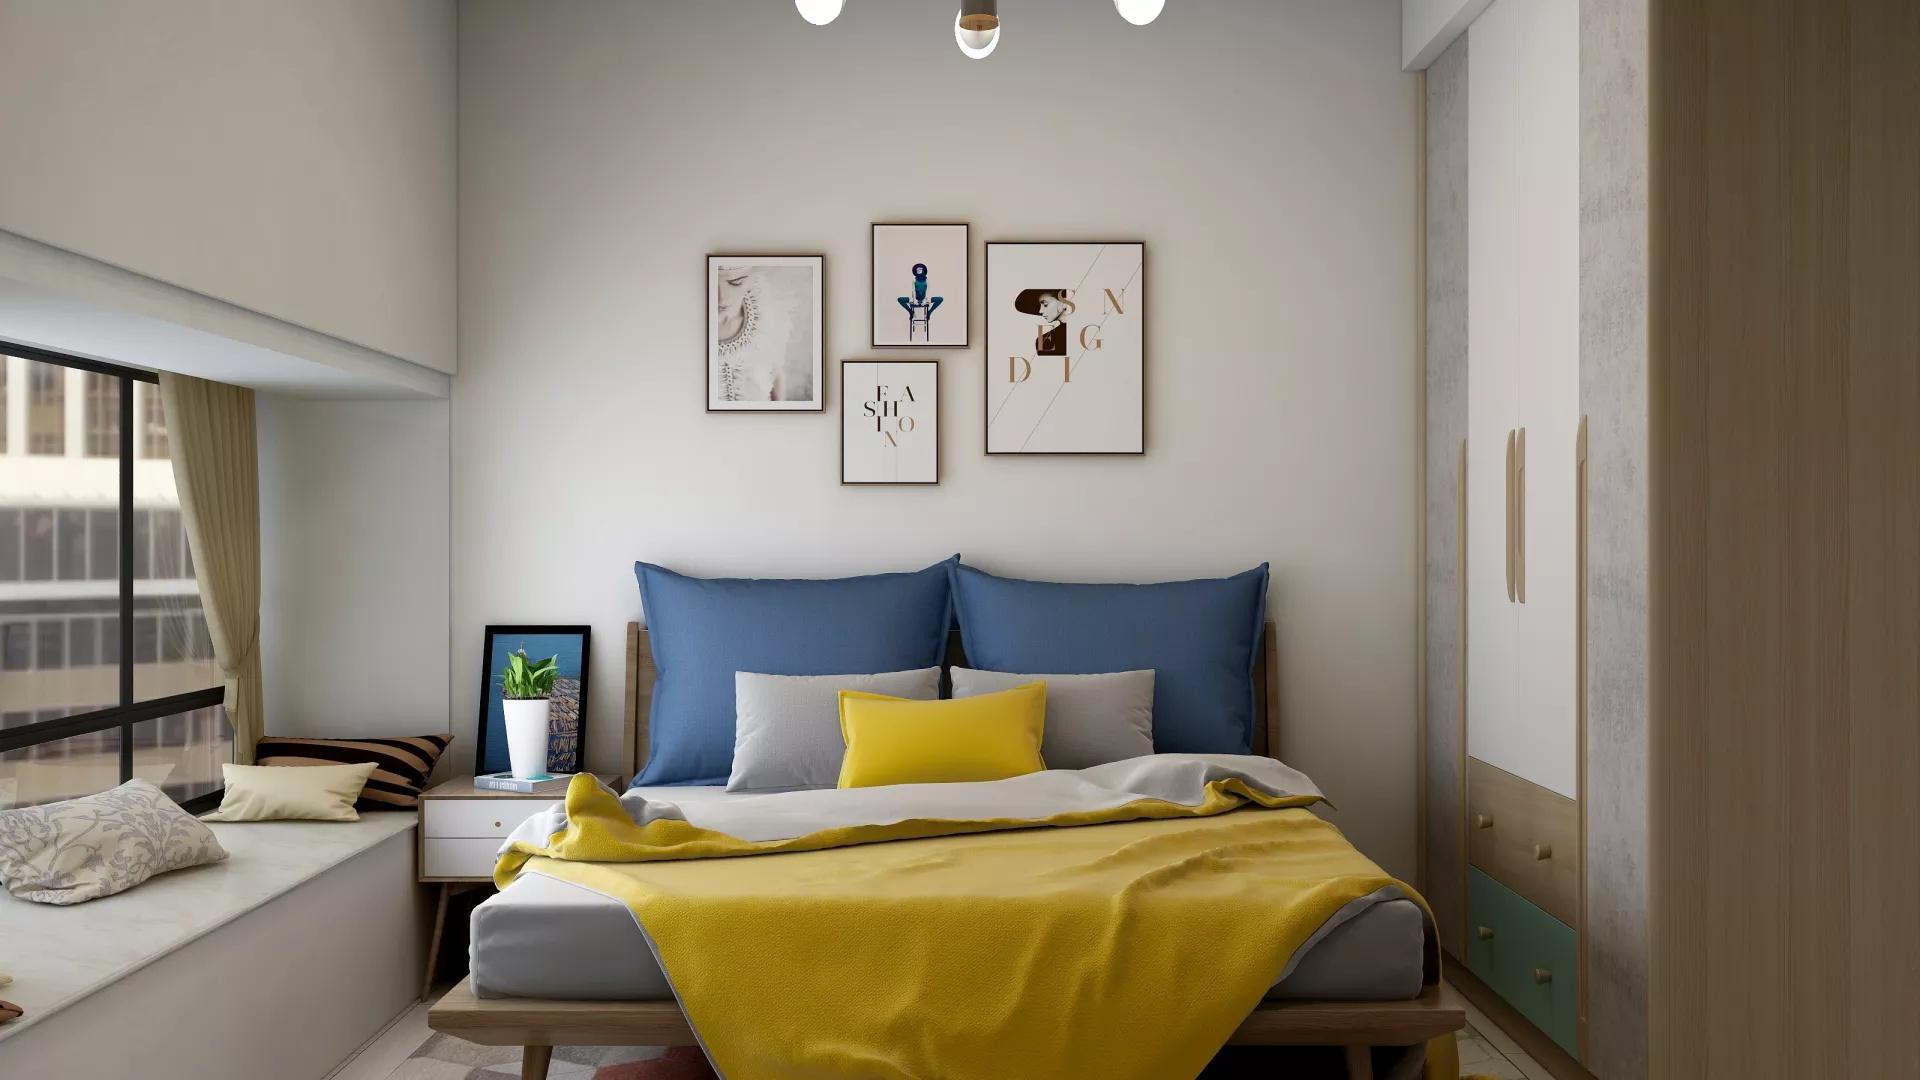 带书房的卧室怎么装修设计 卧室带书房怎么装修设计